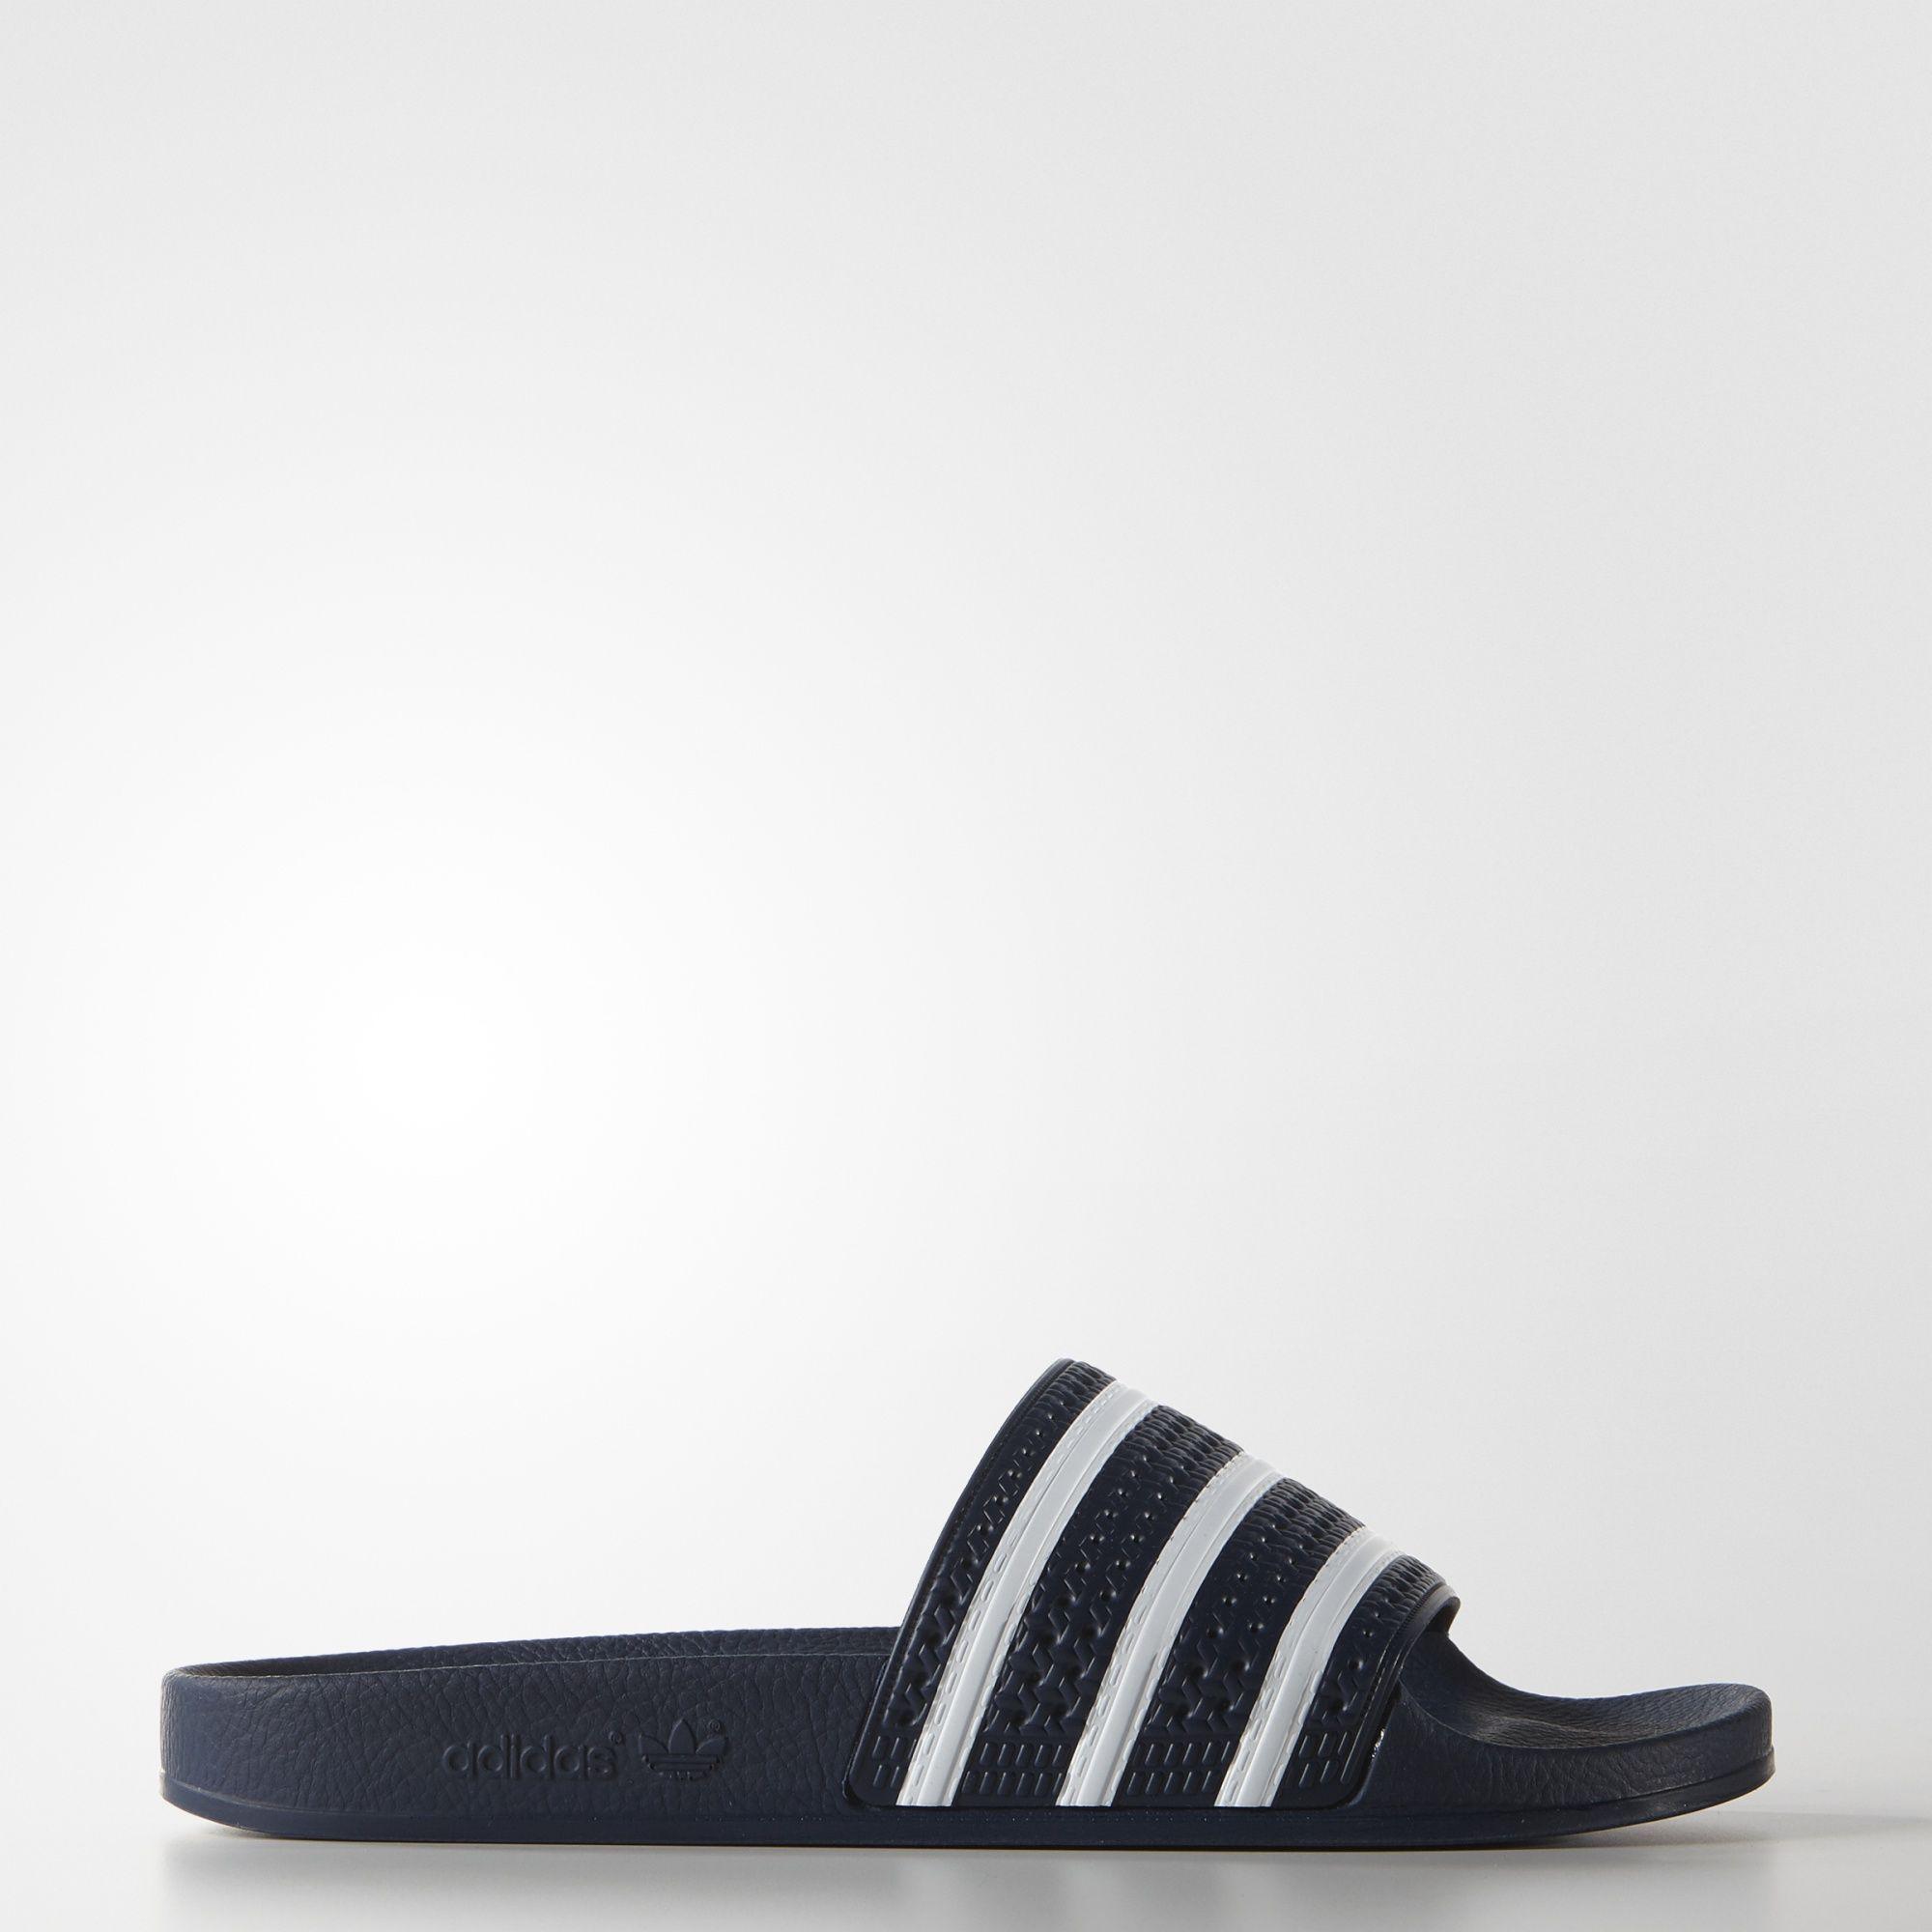 56a8ca856 Adidas Adilette Slides in Navy. Adidas Adilette Slides in Navy Adidas Flip  Flops